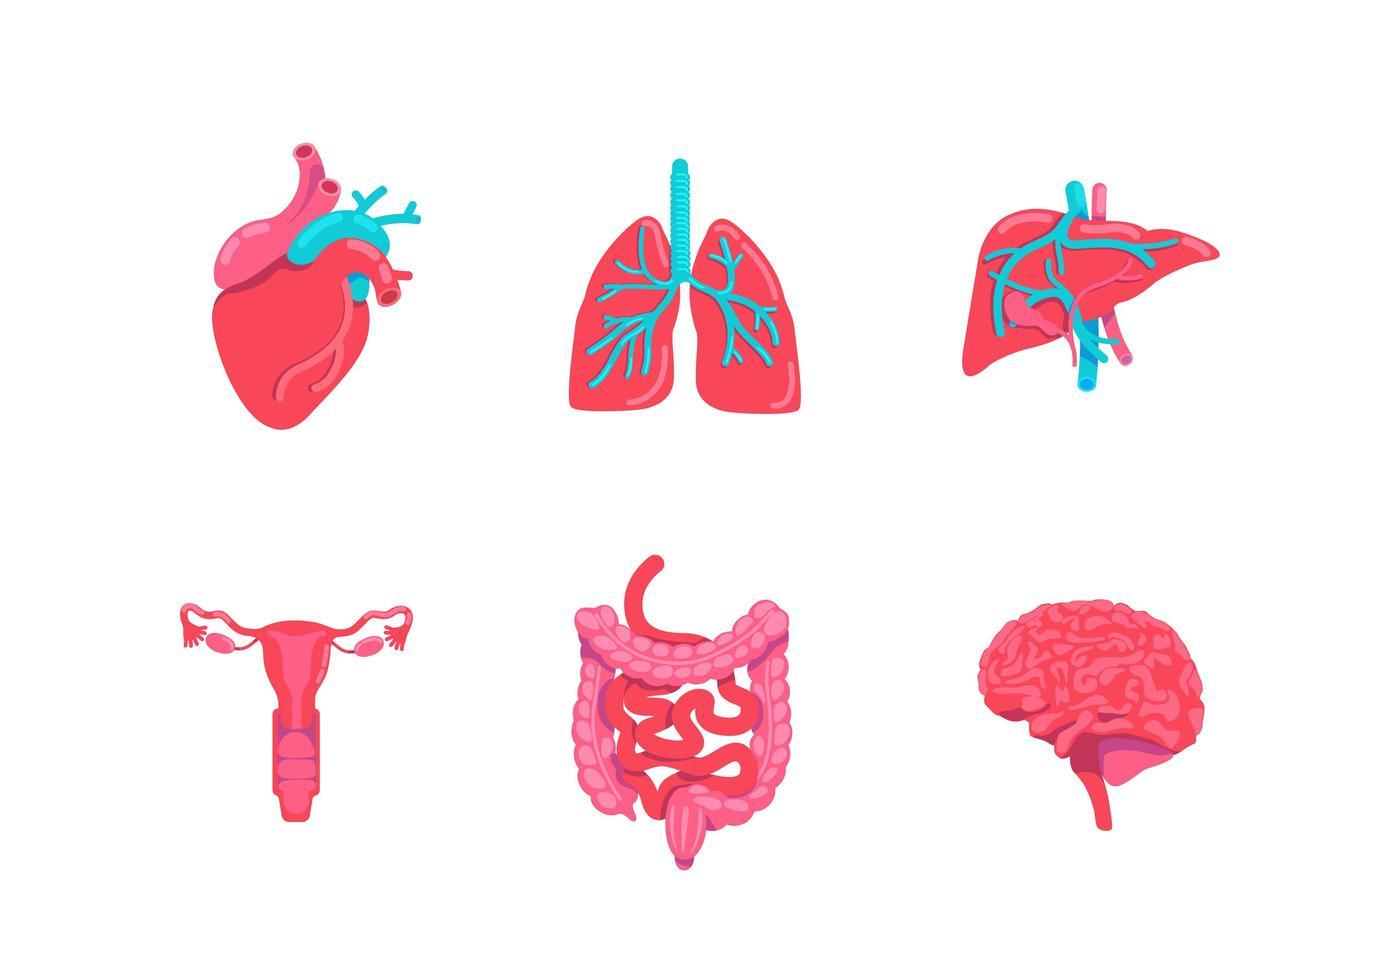 menselijk lichaam anatomie objecten instellen vector